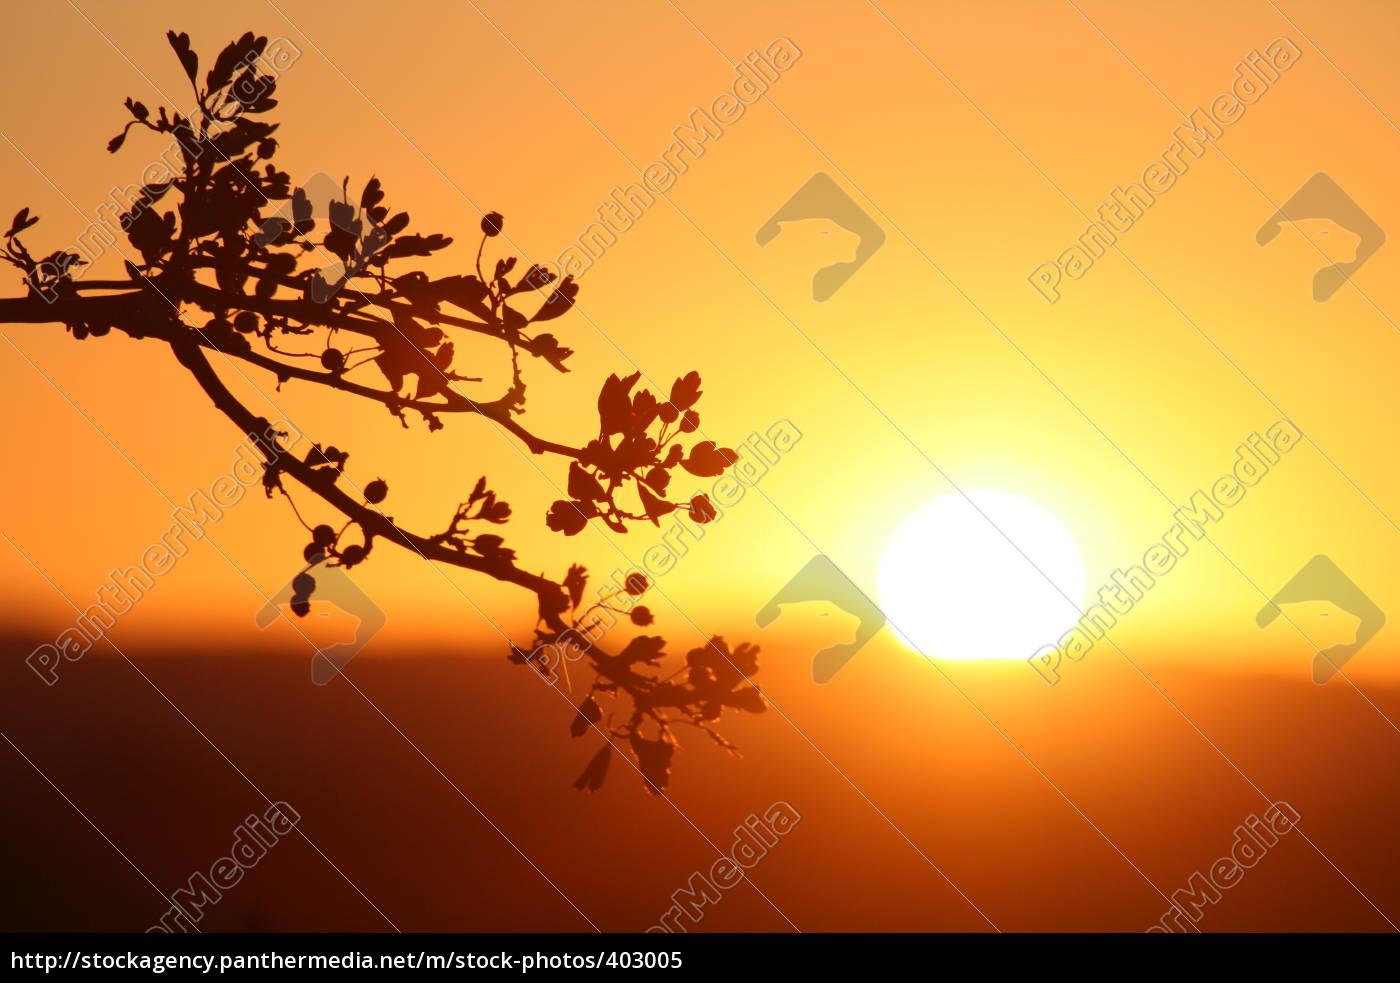 last, sunrays - 403005